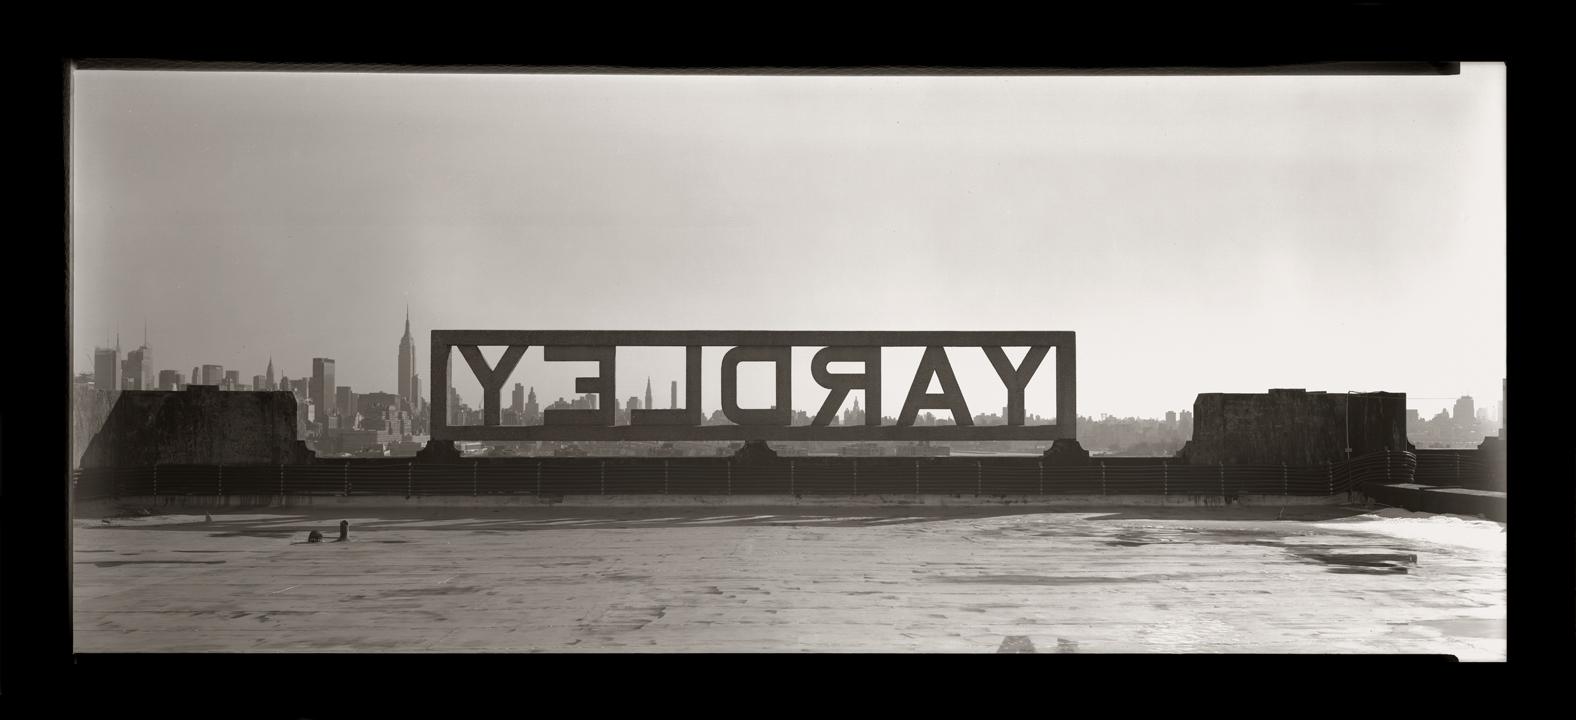 """Cykl """"Panoramiczny dziennik podróżny"""": """"Union City, New Jersey, 2007"""", fot. Andrzej Jerzy Lech"""